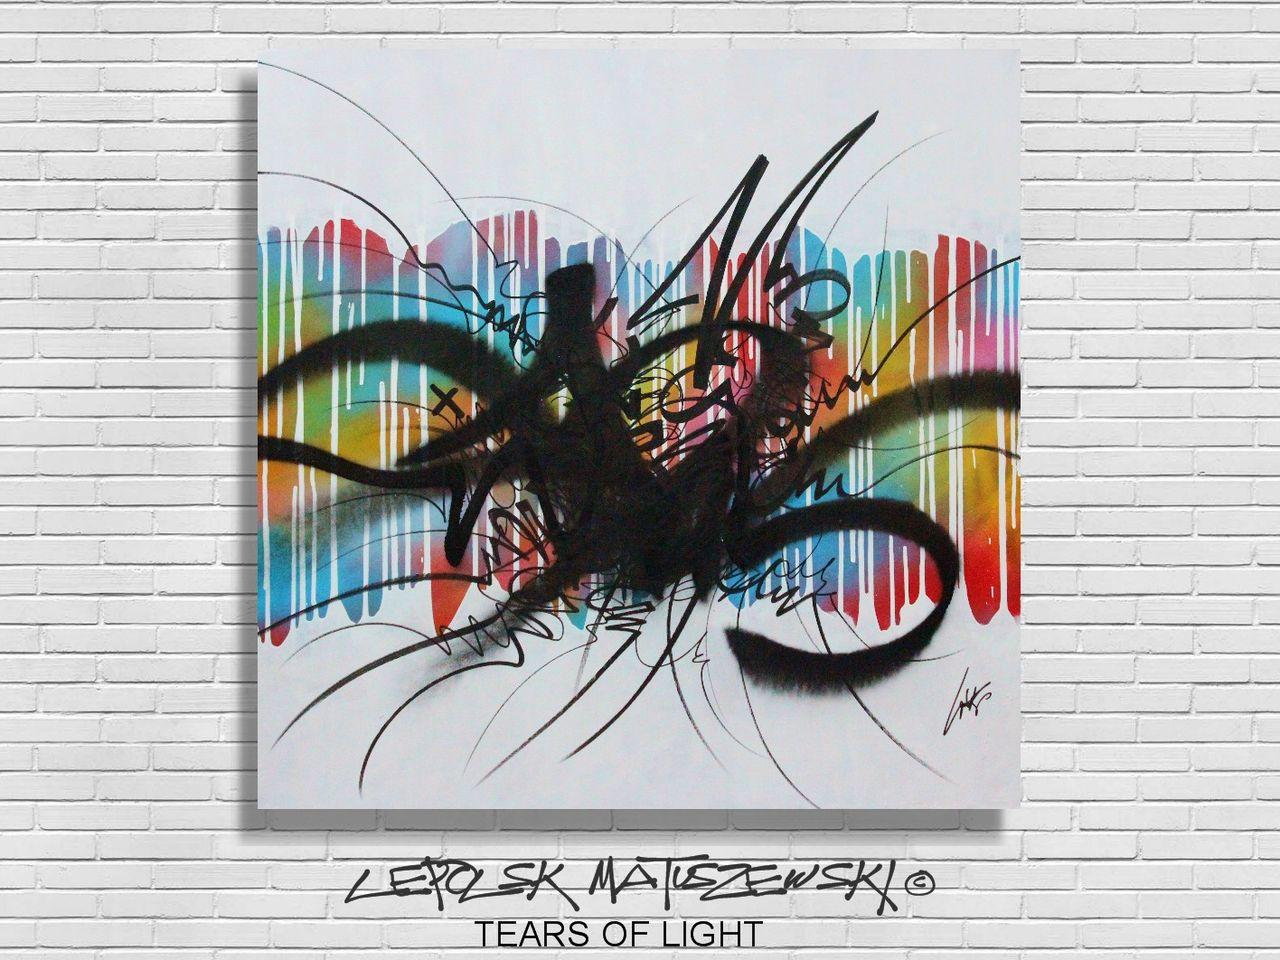 MK  Lepolsk Matuszewski TEARS OF LIGHT  by Lepolsk - calligraffiti abstract streetart 2015